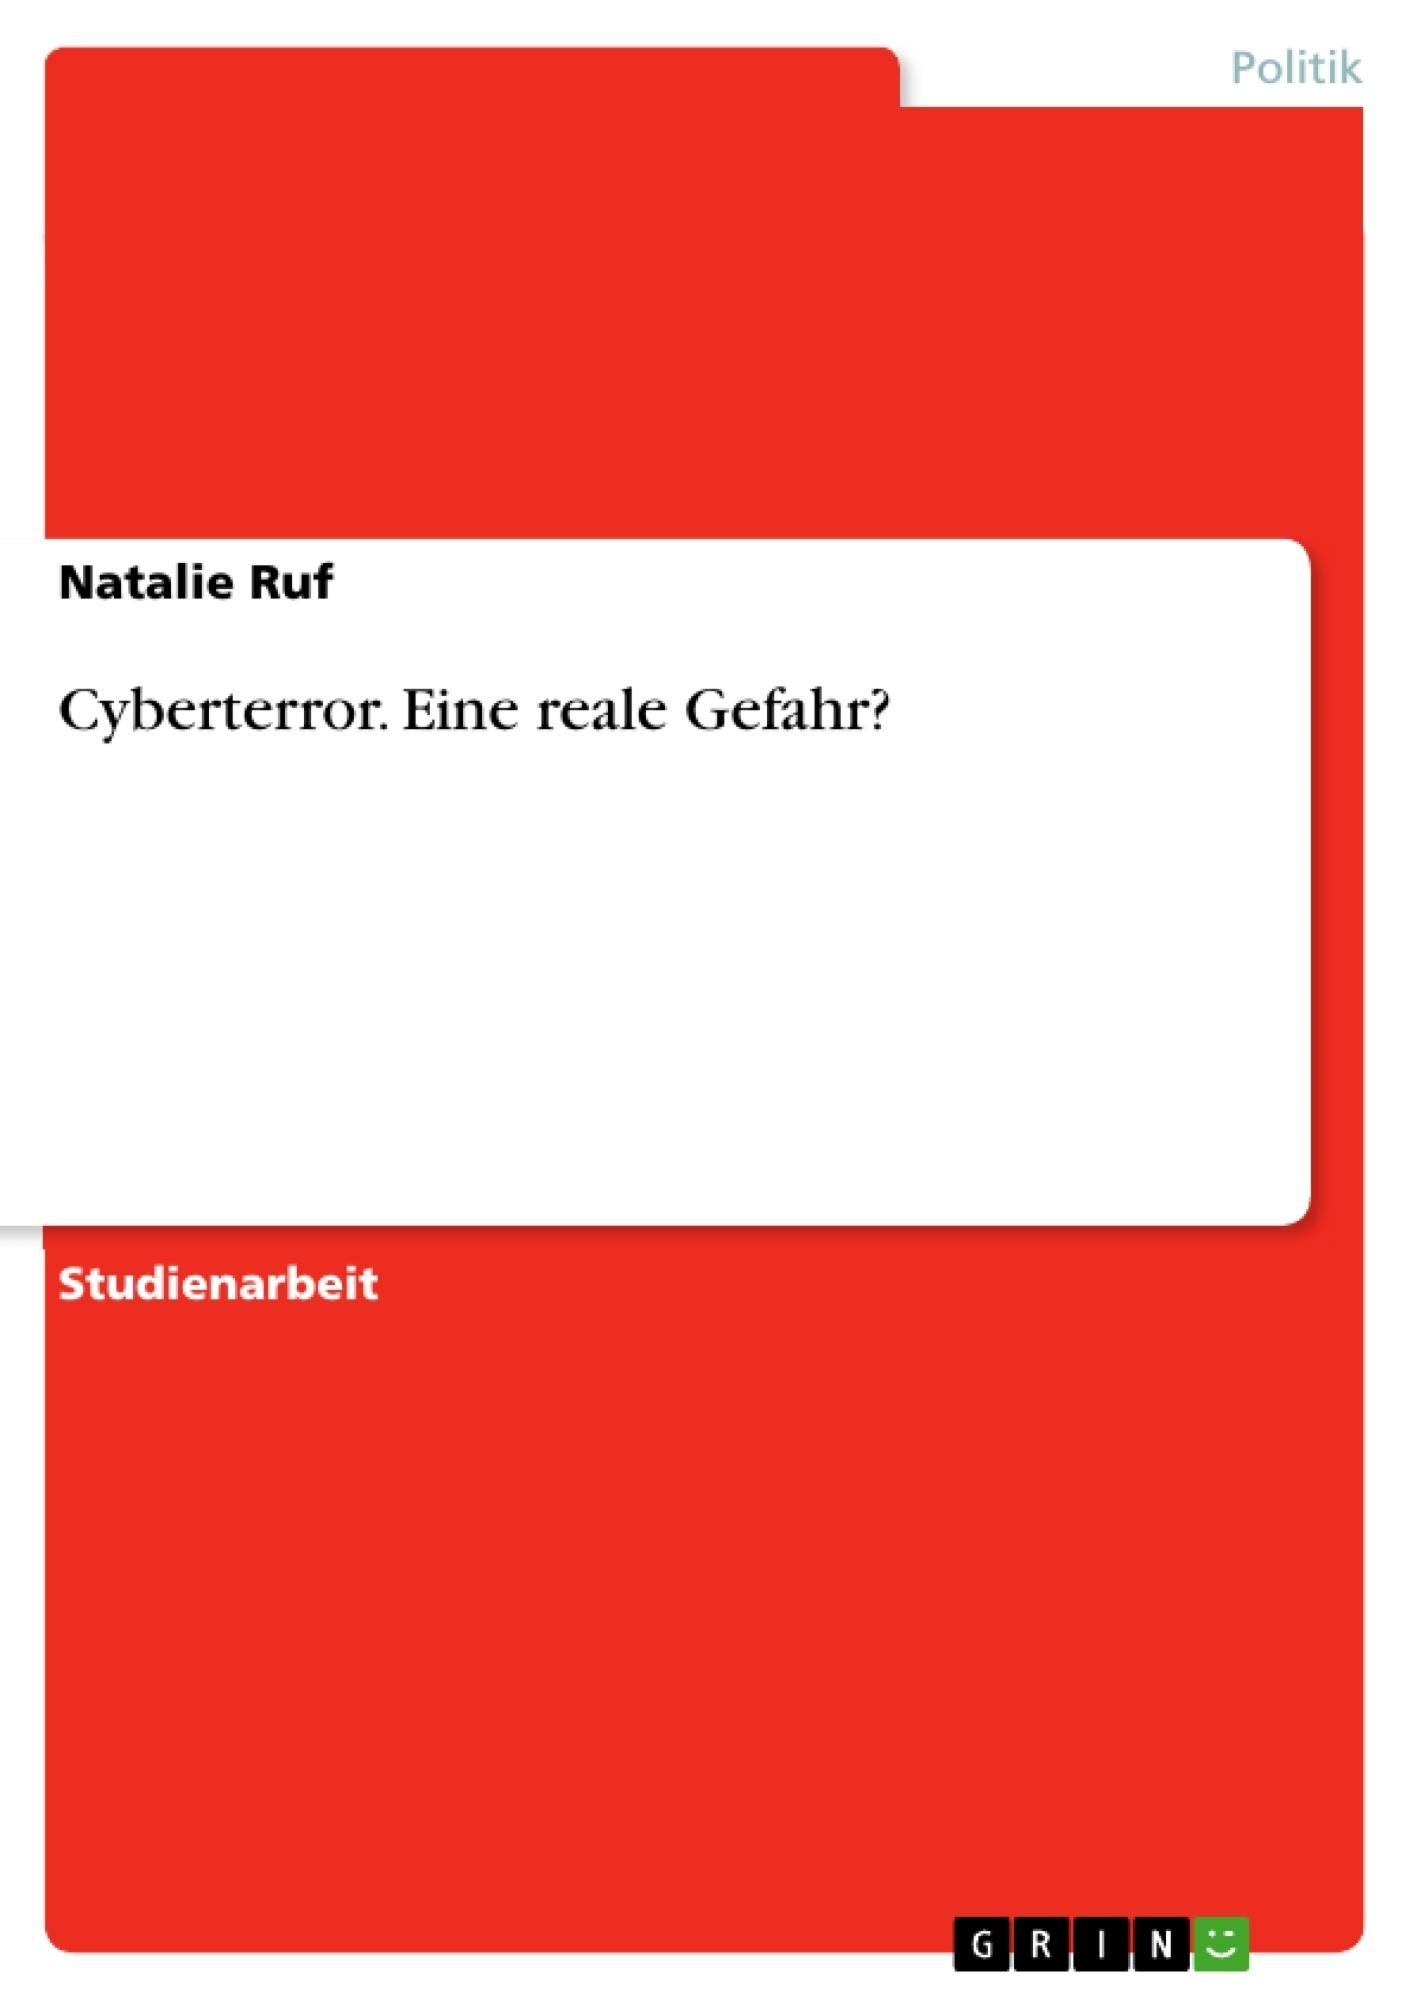 Titel: Cyberterror. Eine reale Gefahr?